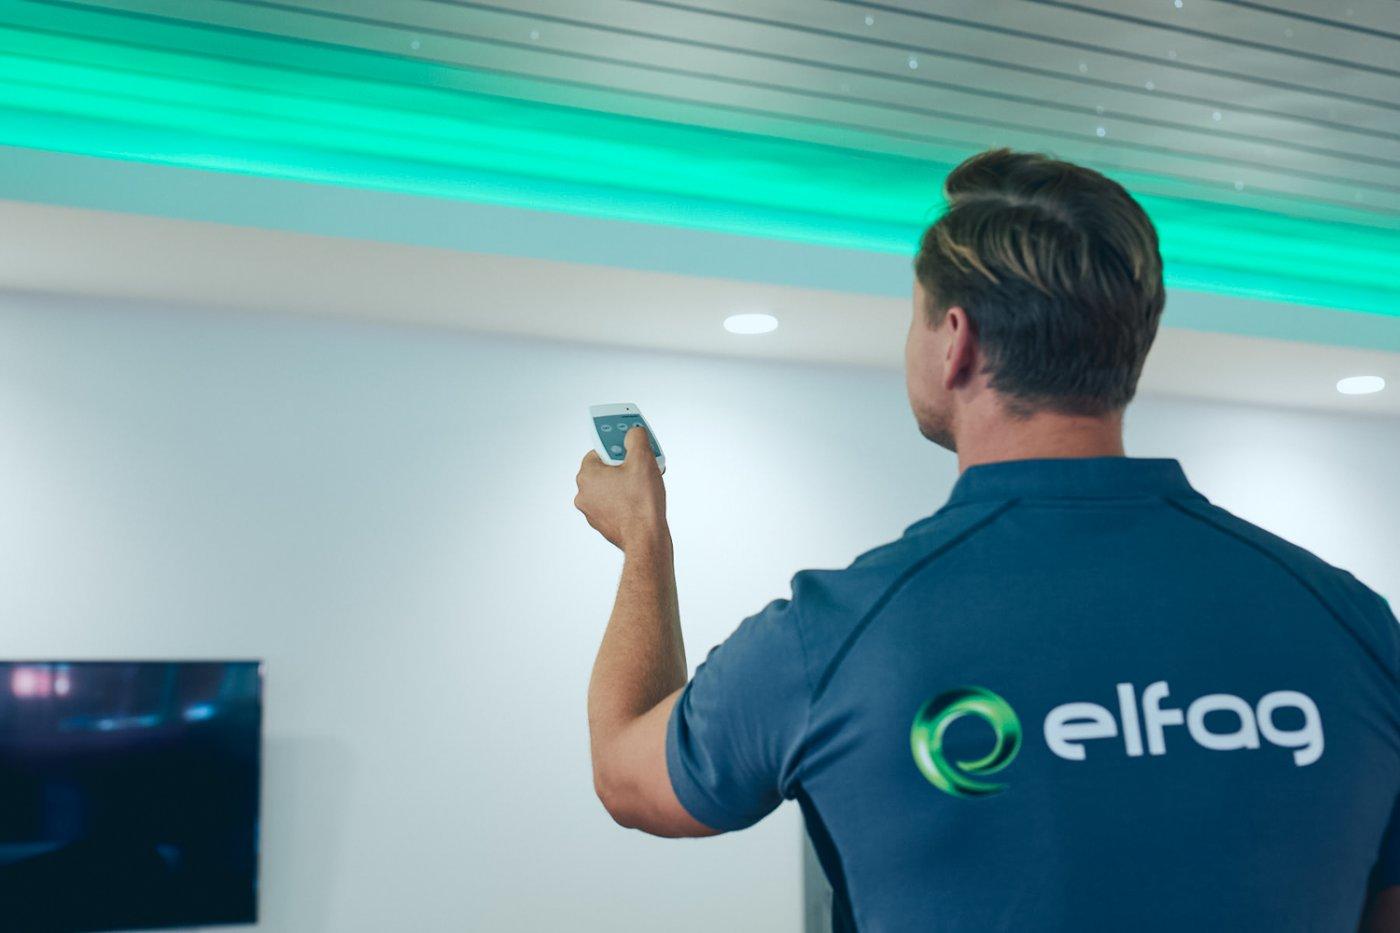 En Elfager bruker en app på smarttelefonen sin for å styre et grønt taklys.